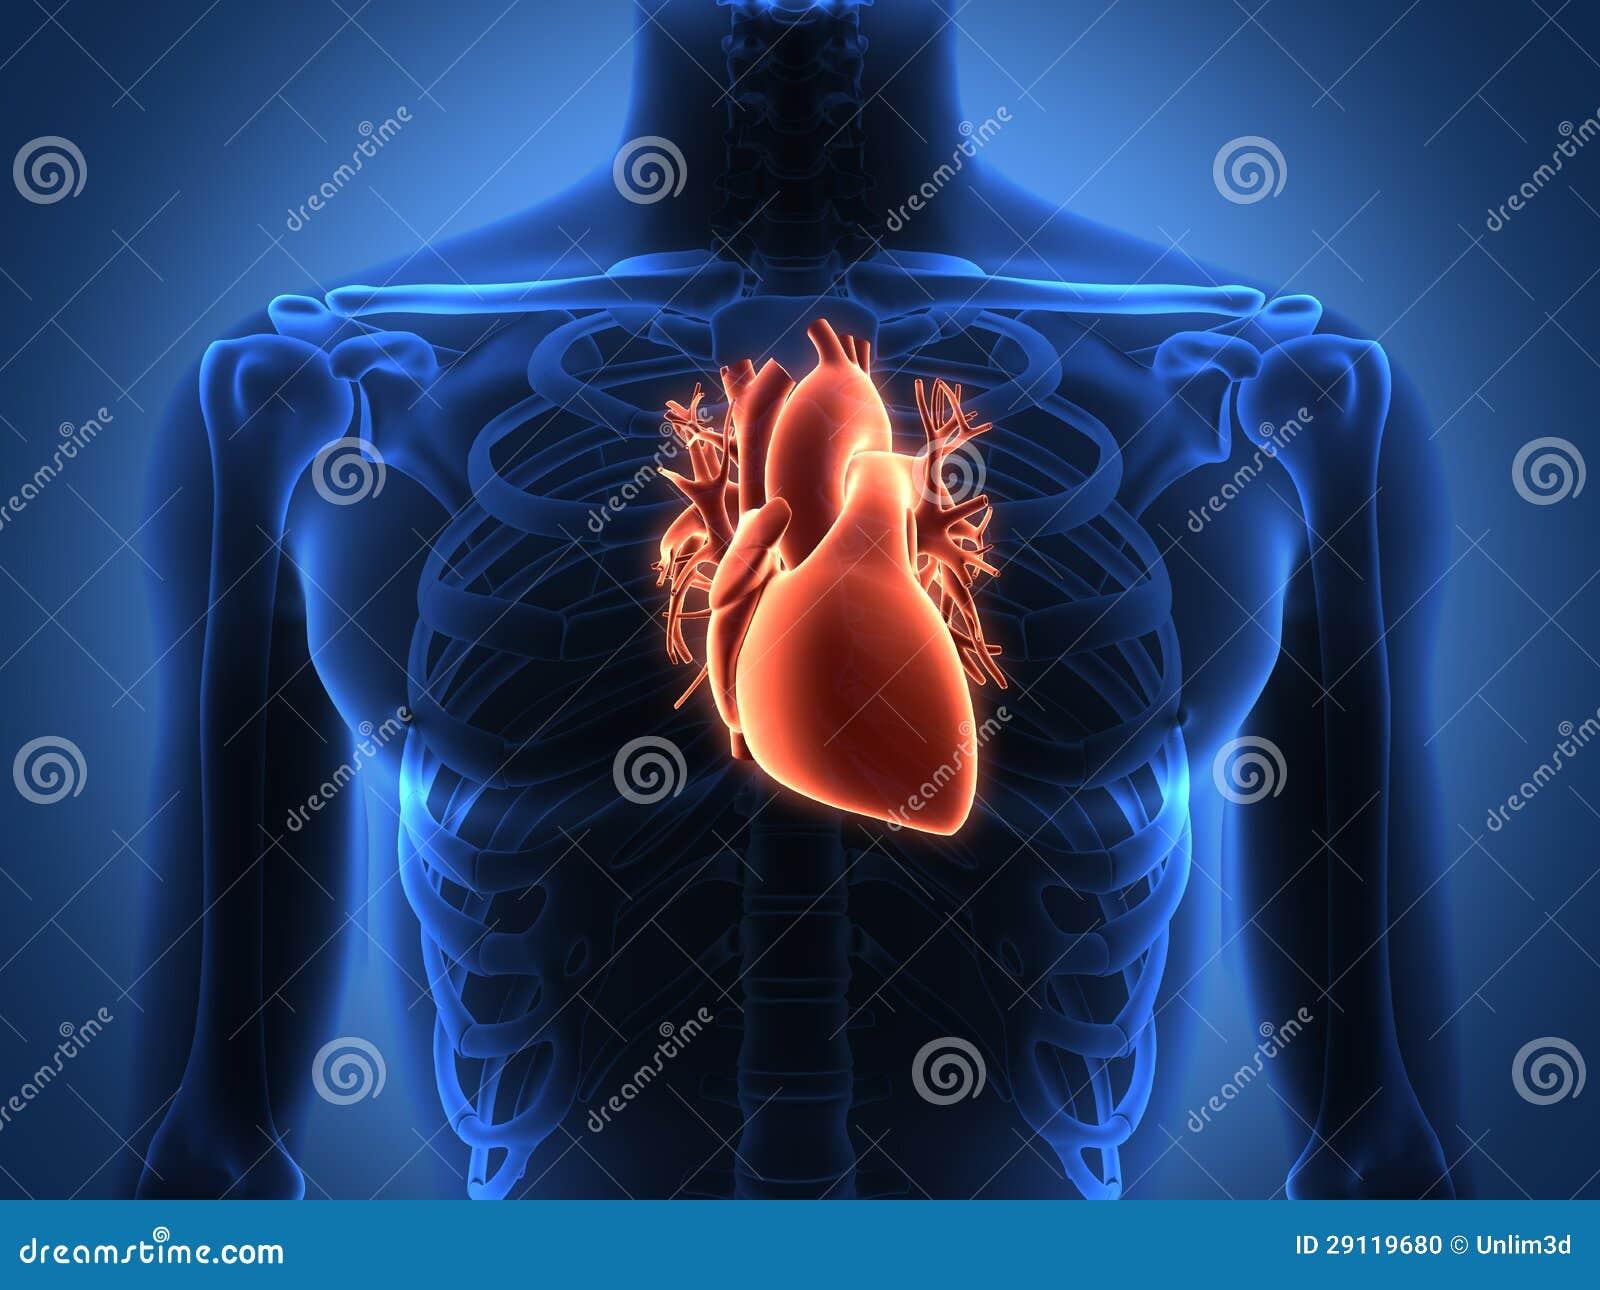 Показать где находится сердце